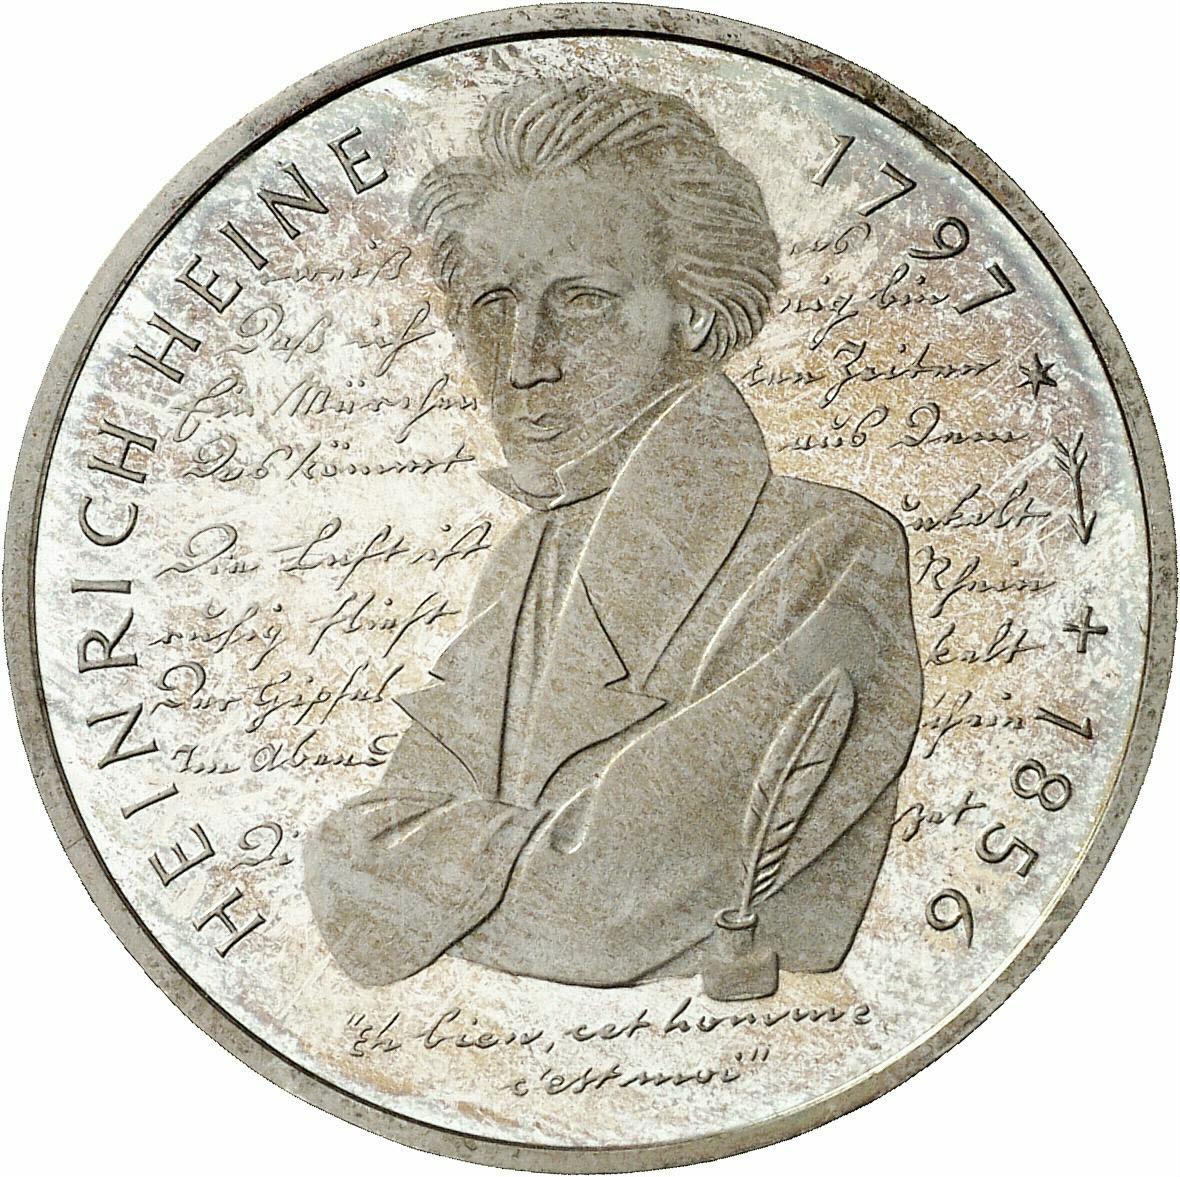 DE 10 Deutsche Mark 1997 F